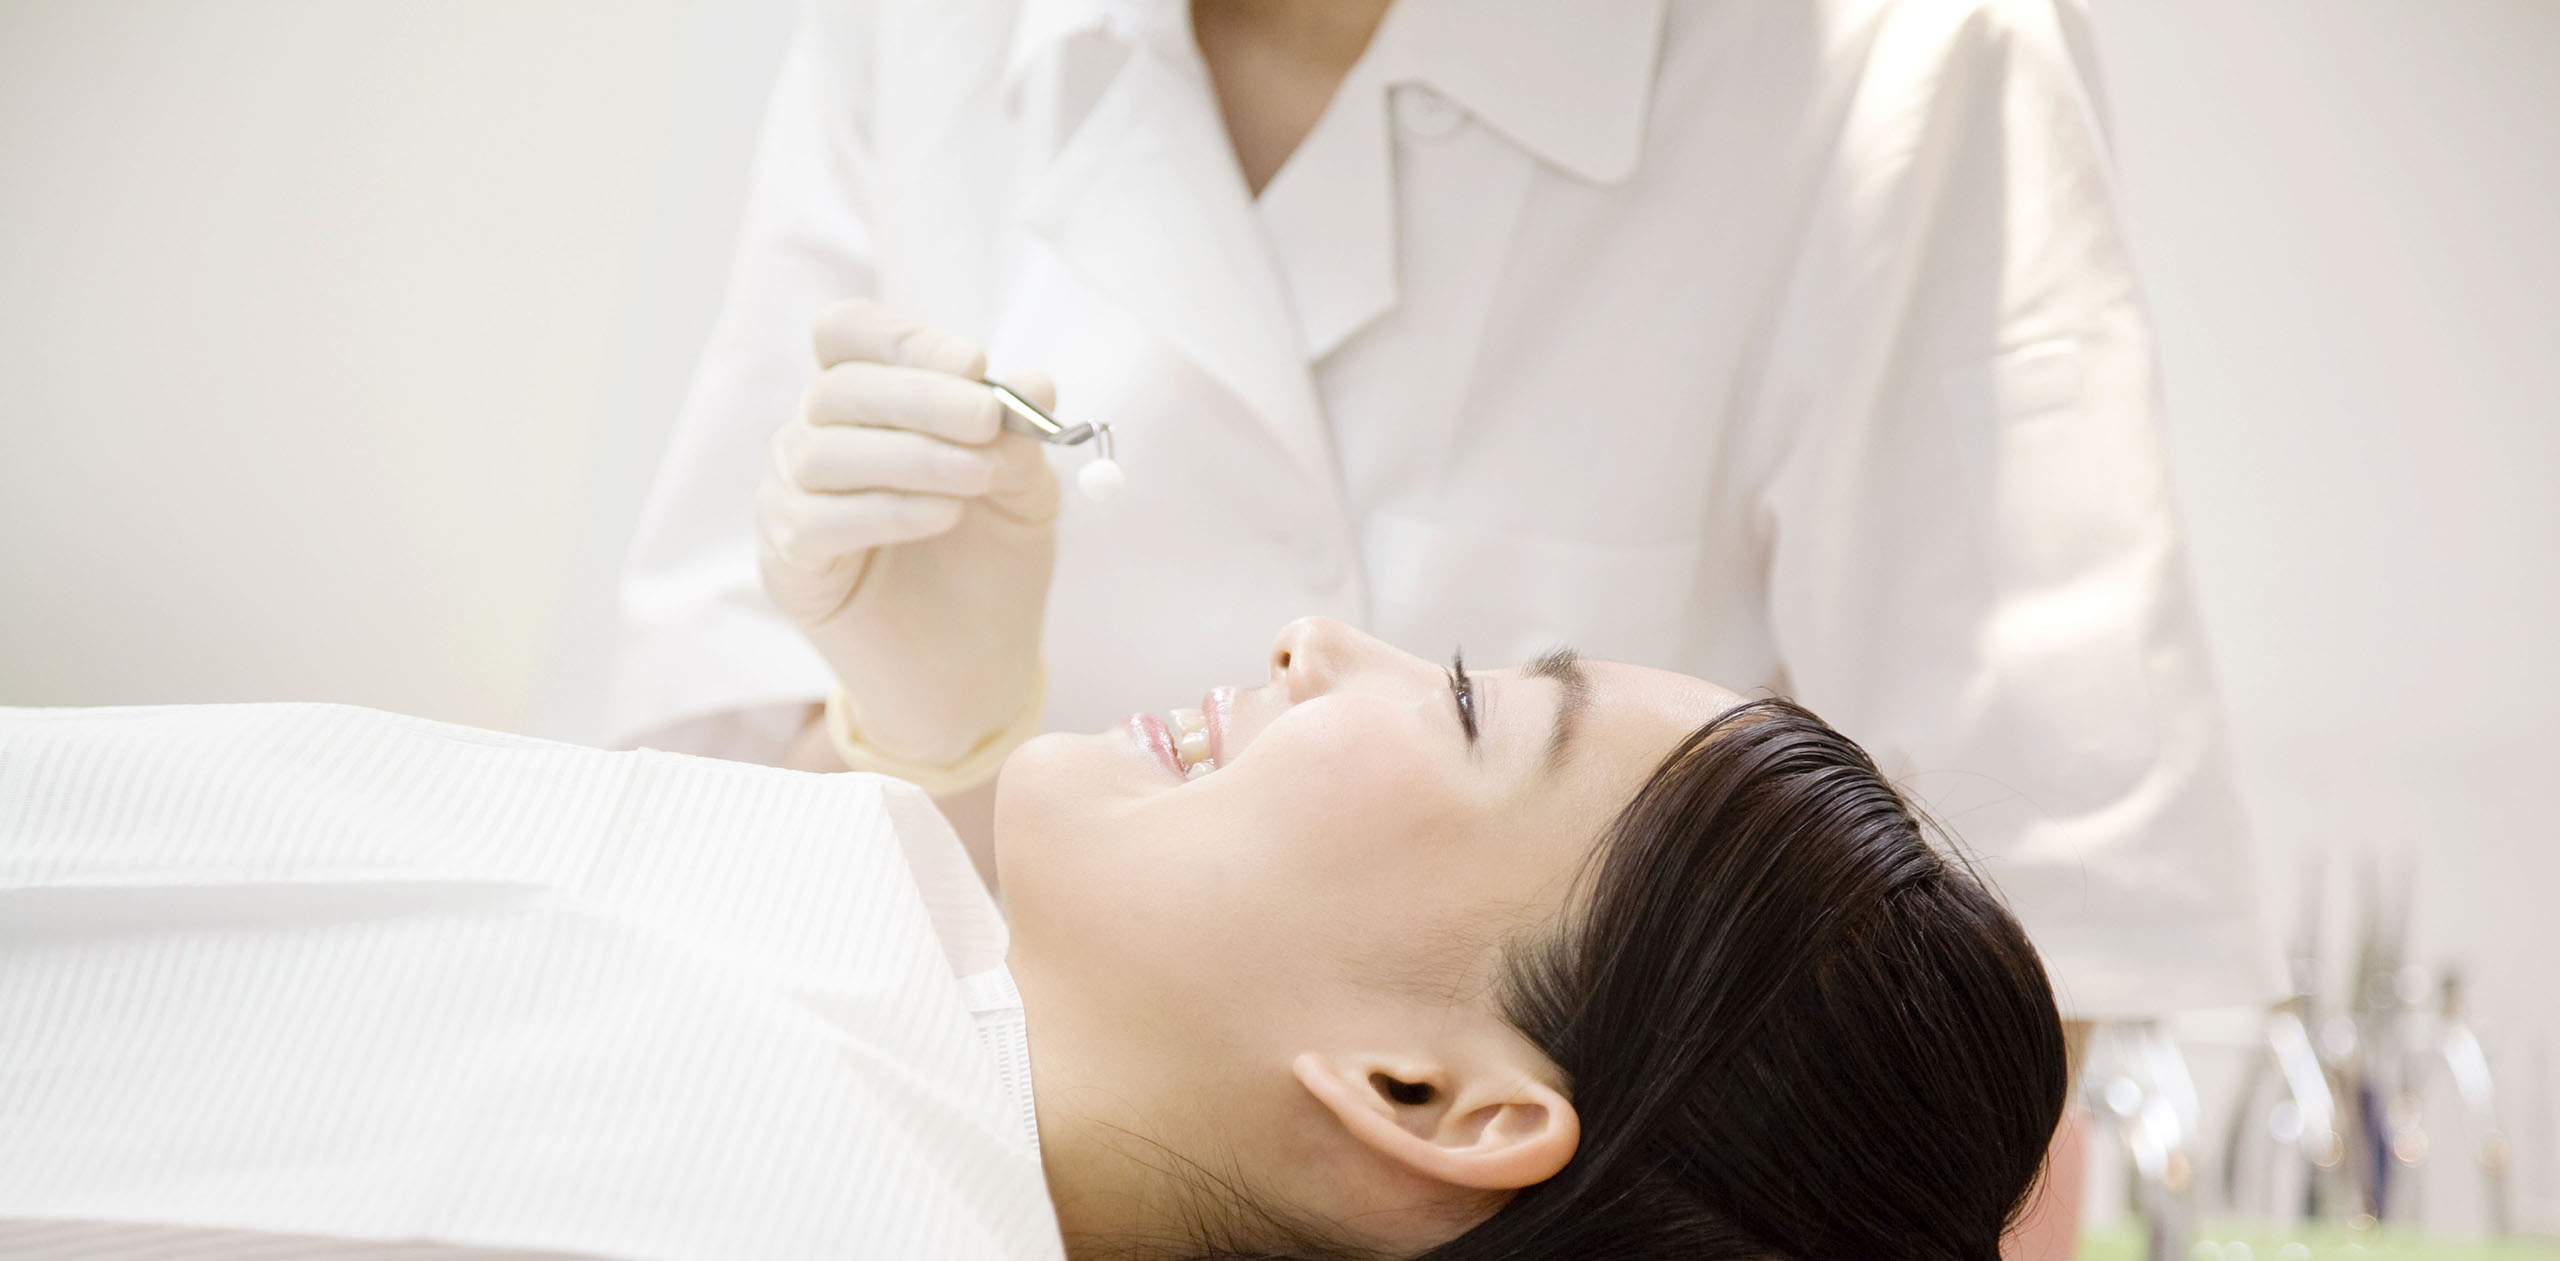 耳鼻科などで検査